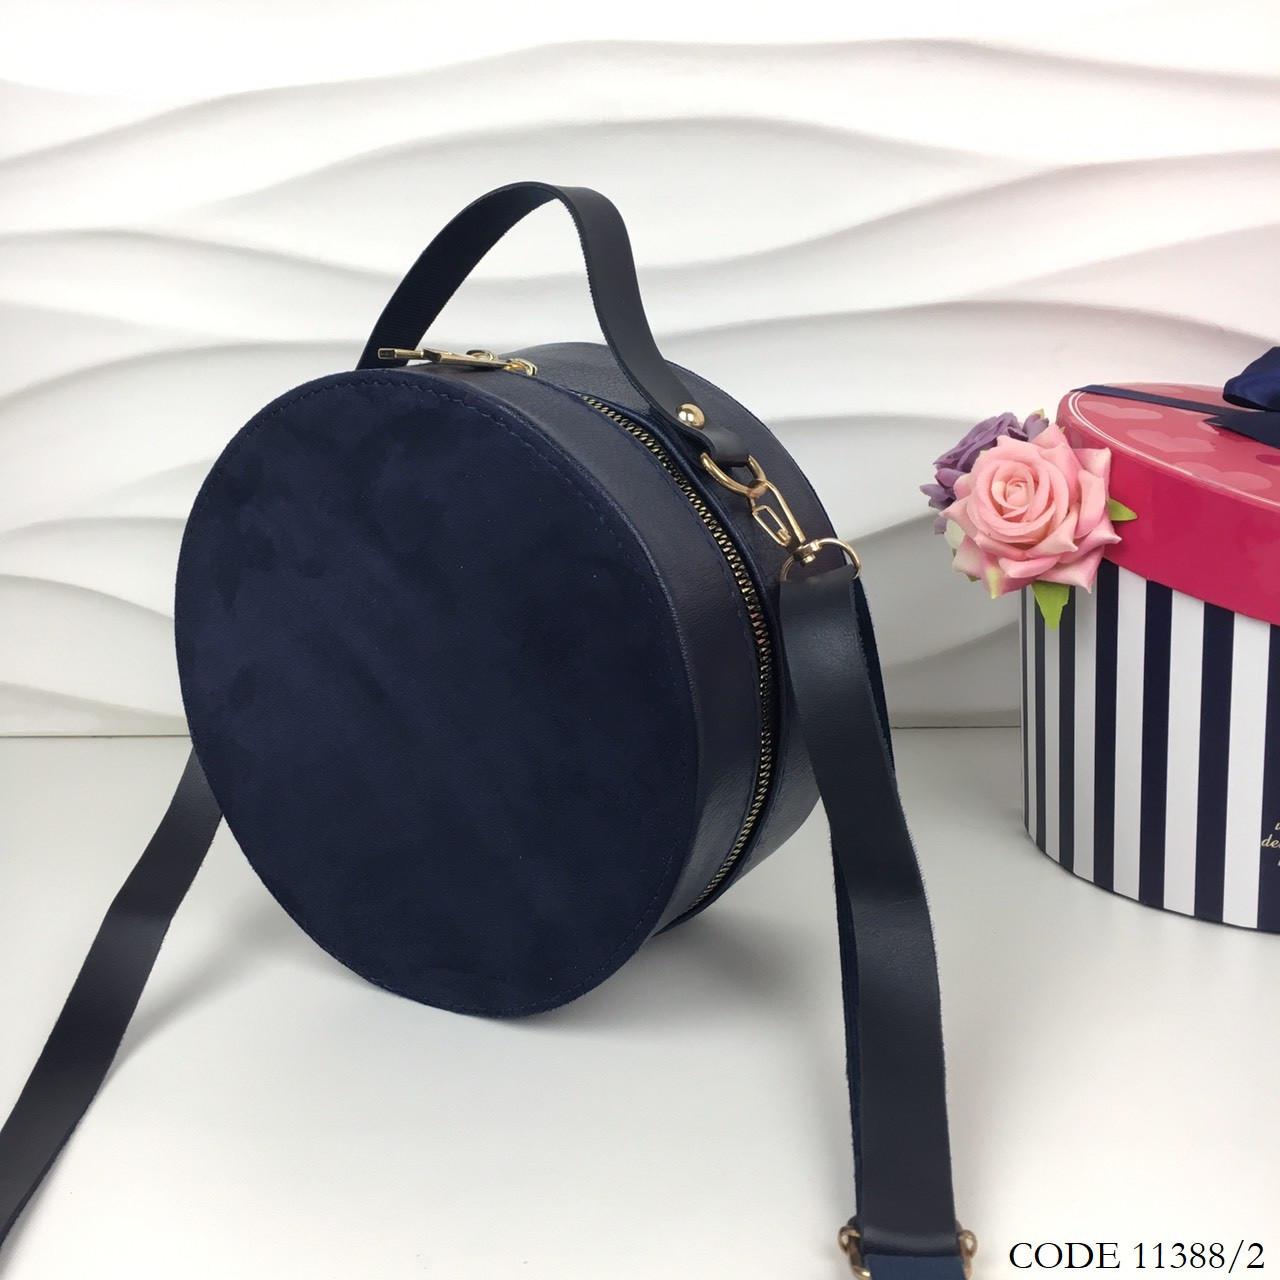 3aeebc38f638 Стильная женская сумка круглой формы. Эко-кожа + нубук. Дропшиппинг  Темно-синий